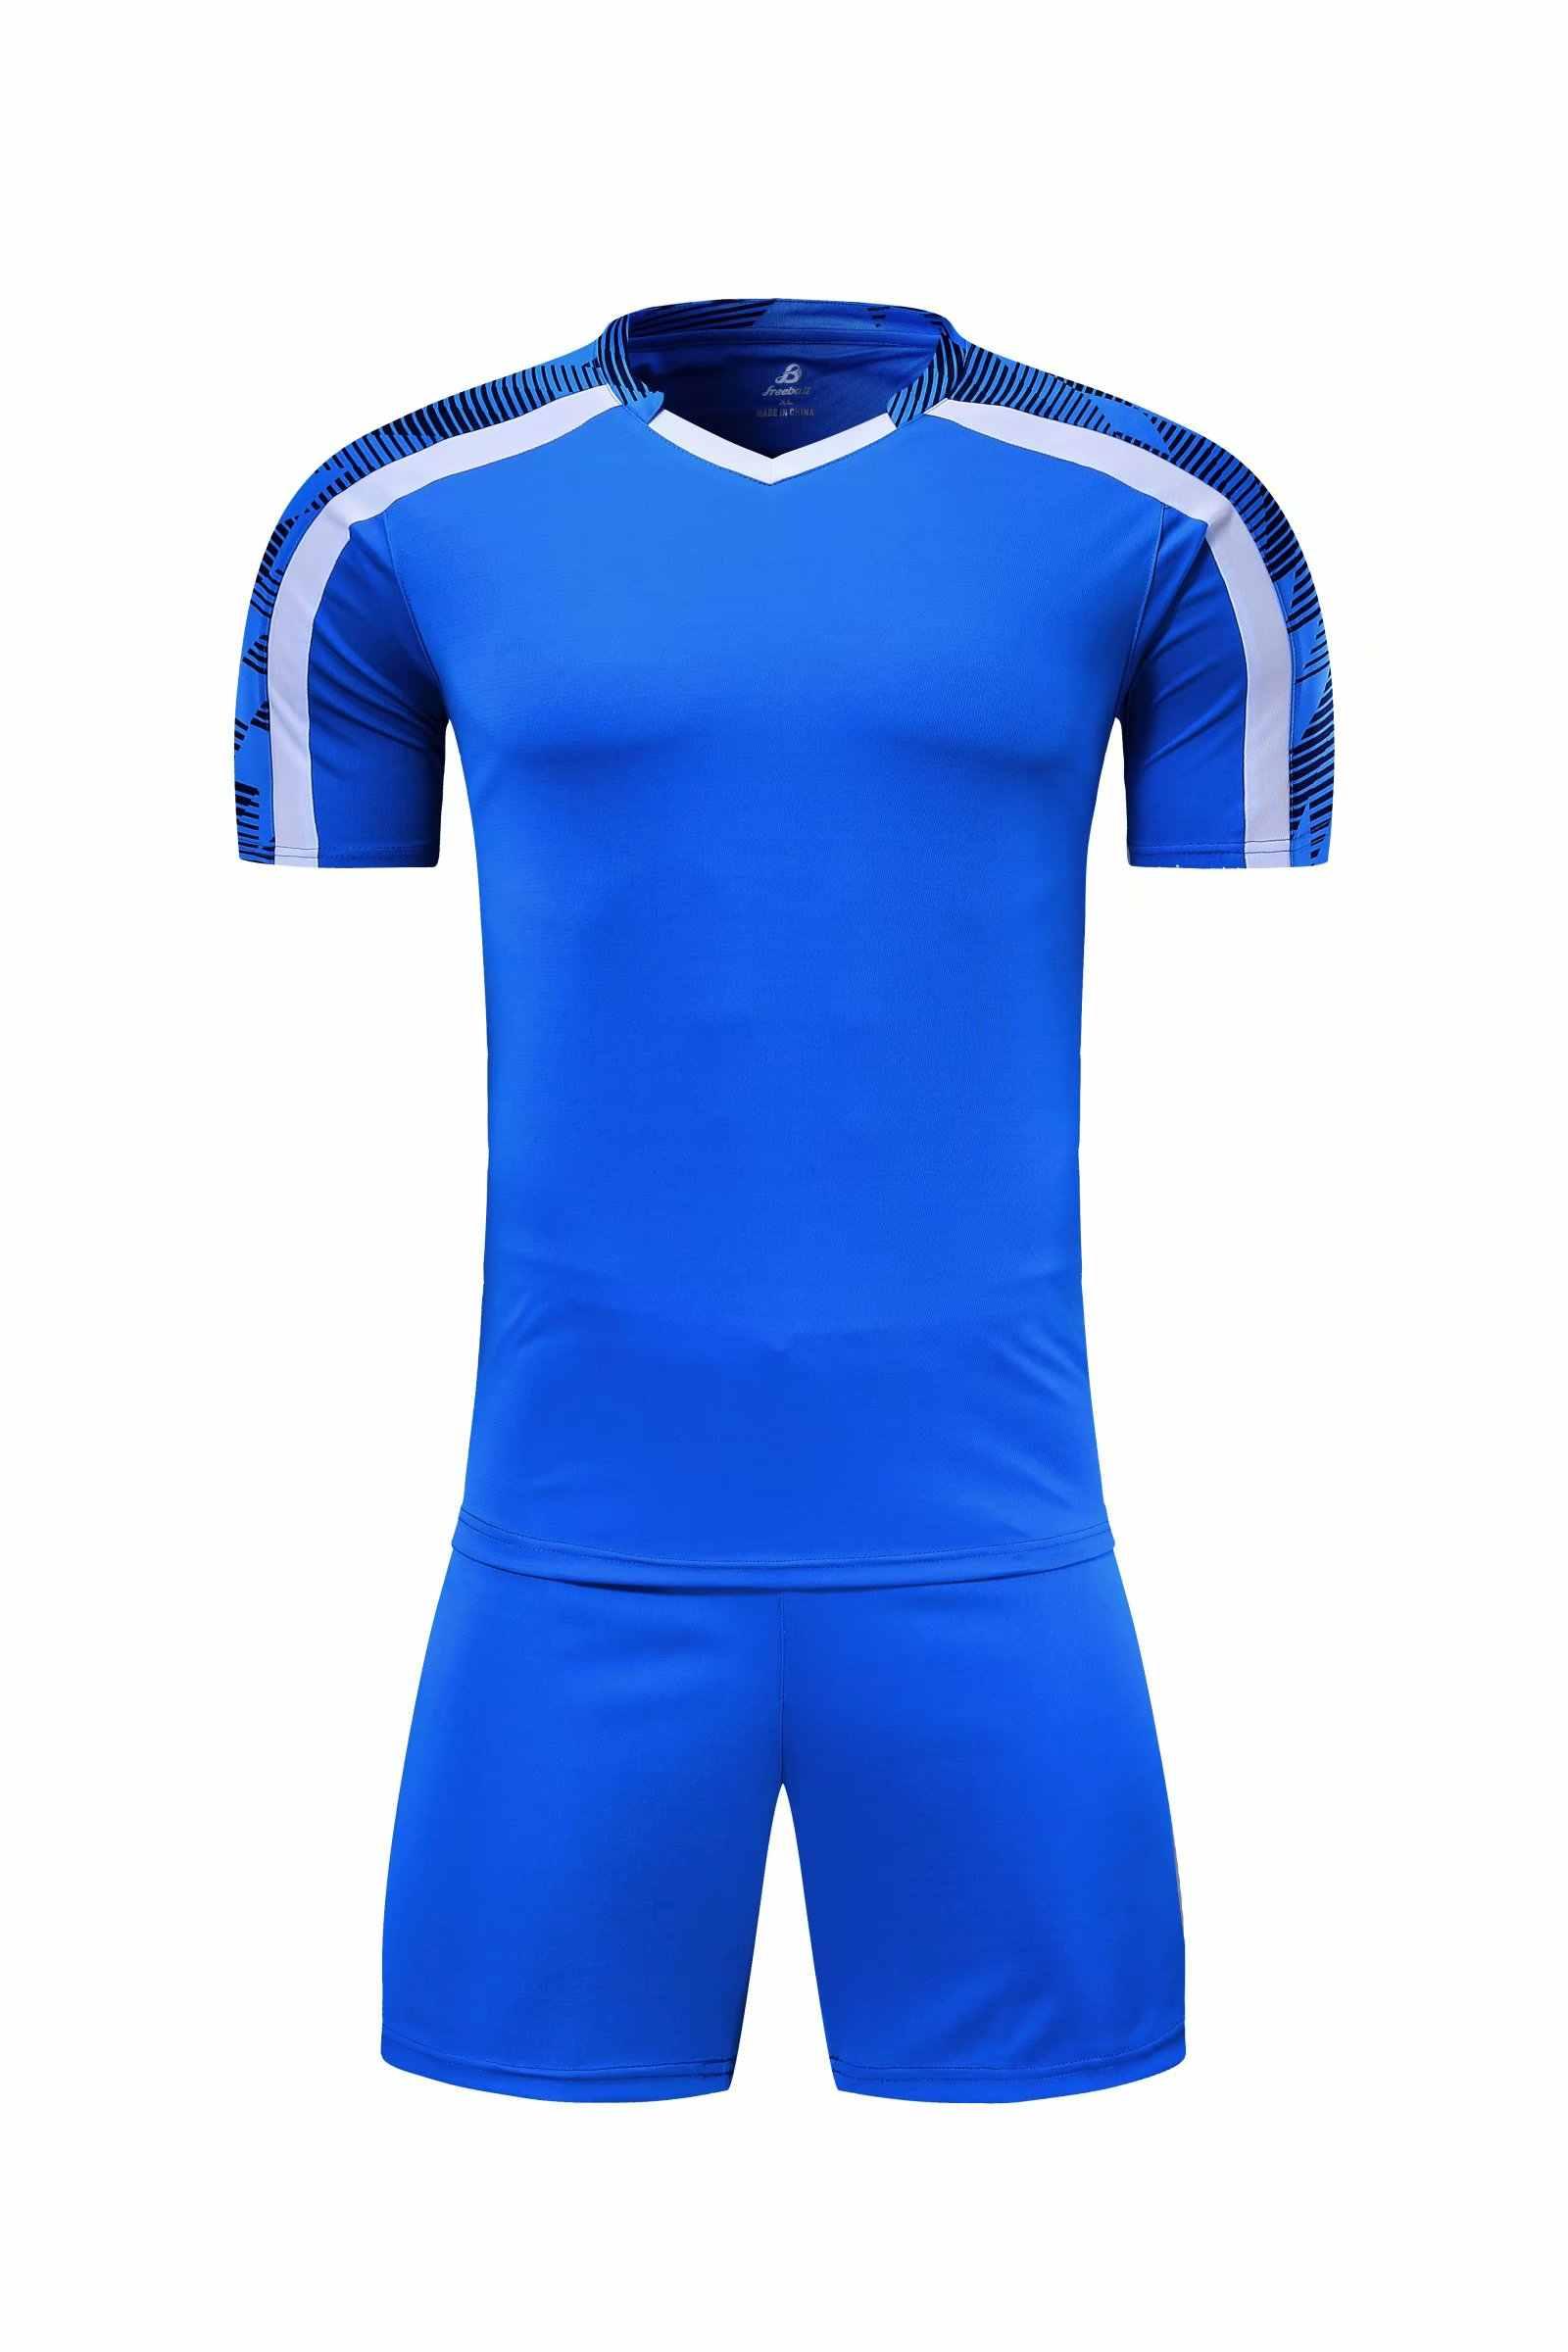 남자 짧은 소매 빨간 축구 유니폼 세트 녹색 축구 유니폼 블루 키즈 축구 셔츠 사용자 정의 이름 번호